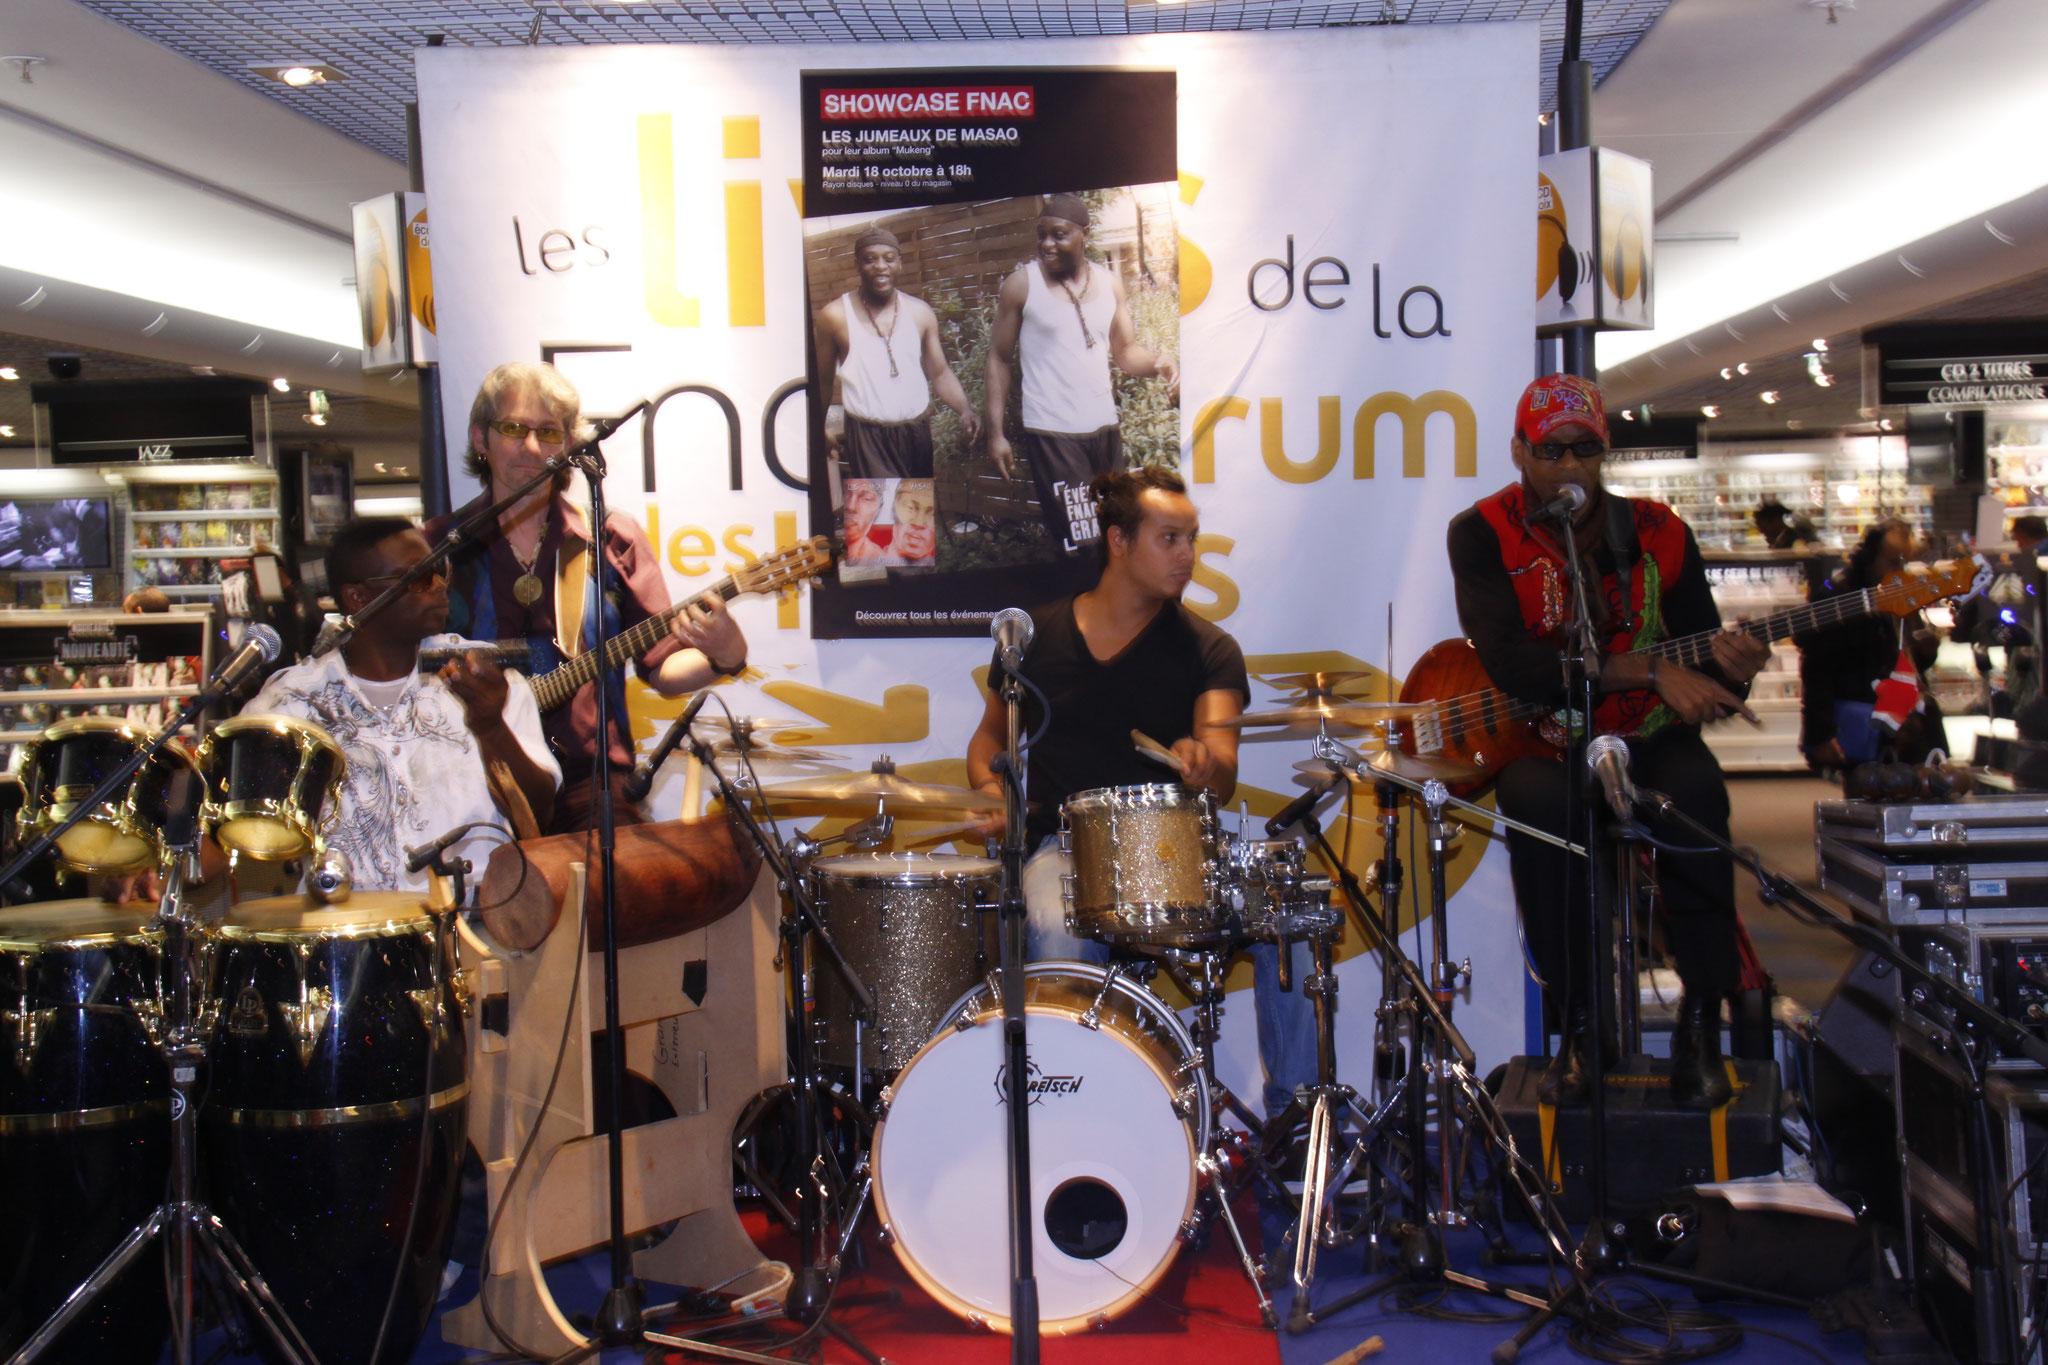 Les Jumeaux de MASAO (Masao Masu) avec le guitariste Phillipe Robert, le batteur Davy Honneen, le percussioniste Hob Cool et  le bassite camerounais Noël Ekwabi  concert à la Fnac Chatelet les Halles  . Photo : Michel Abdebreman